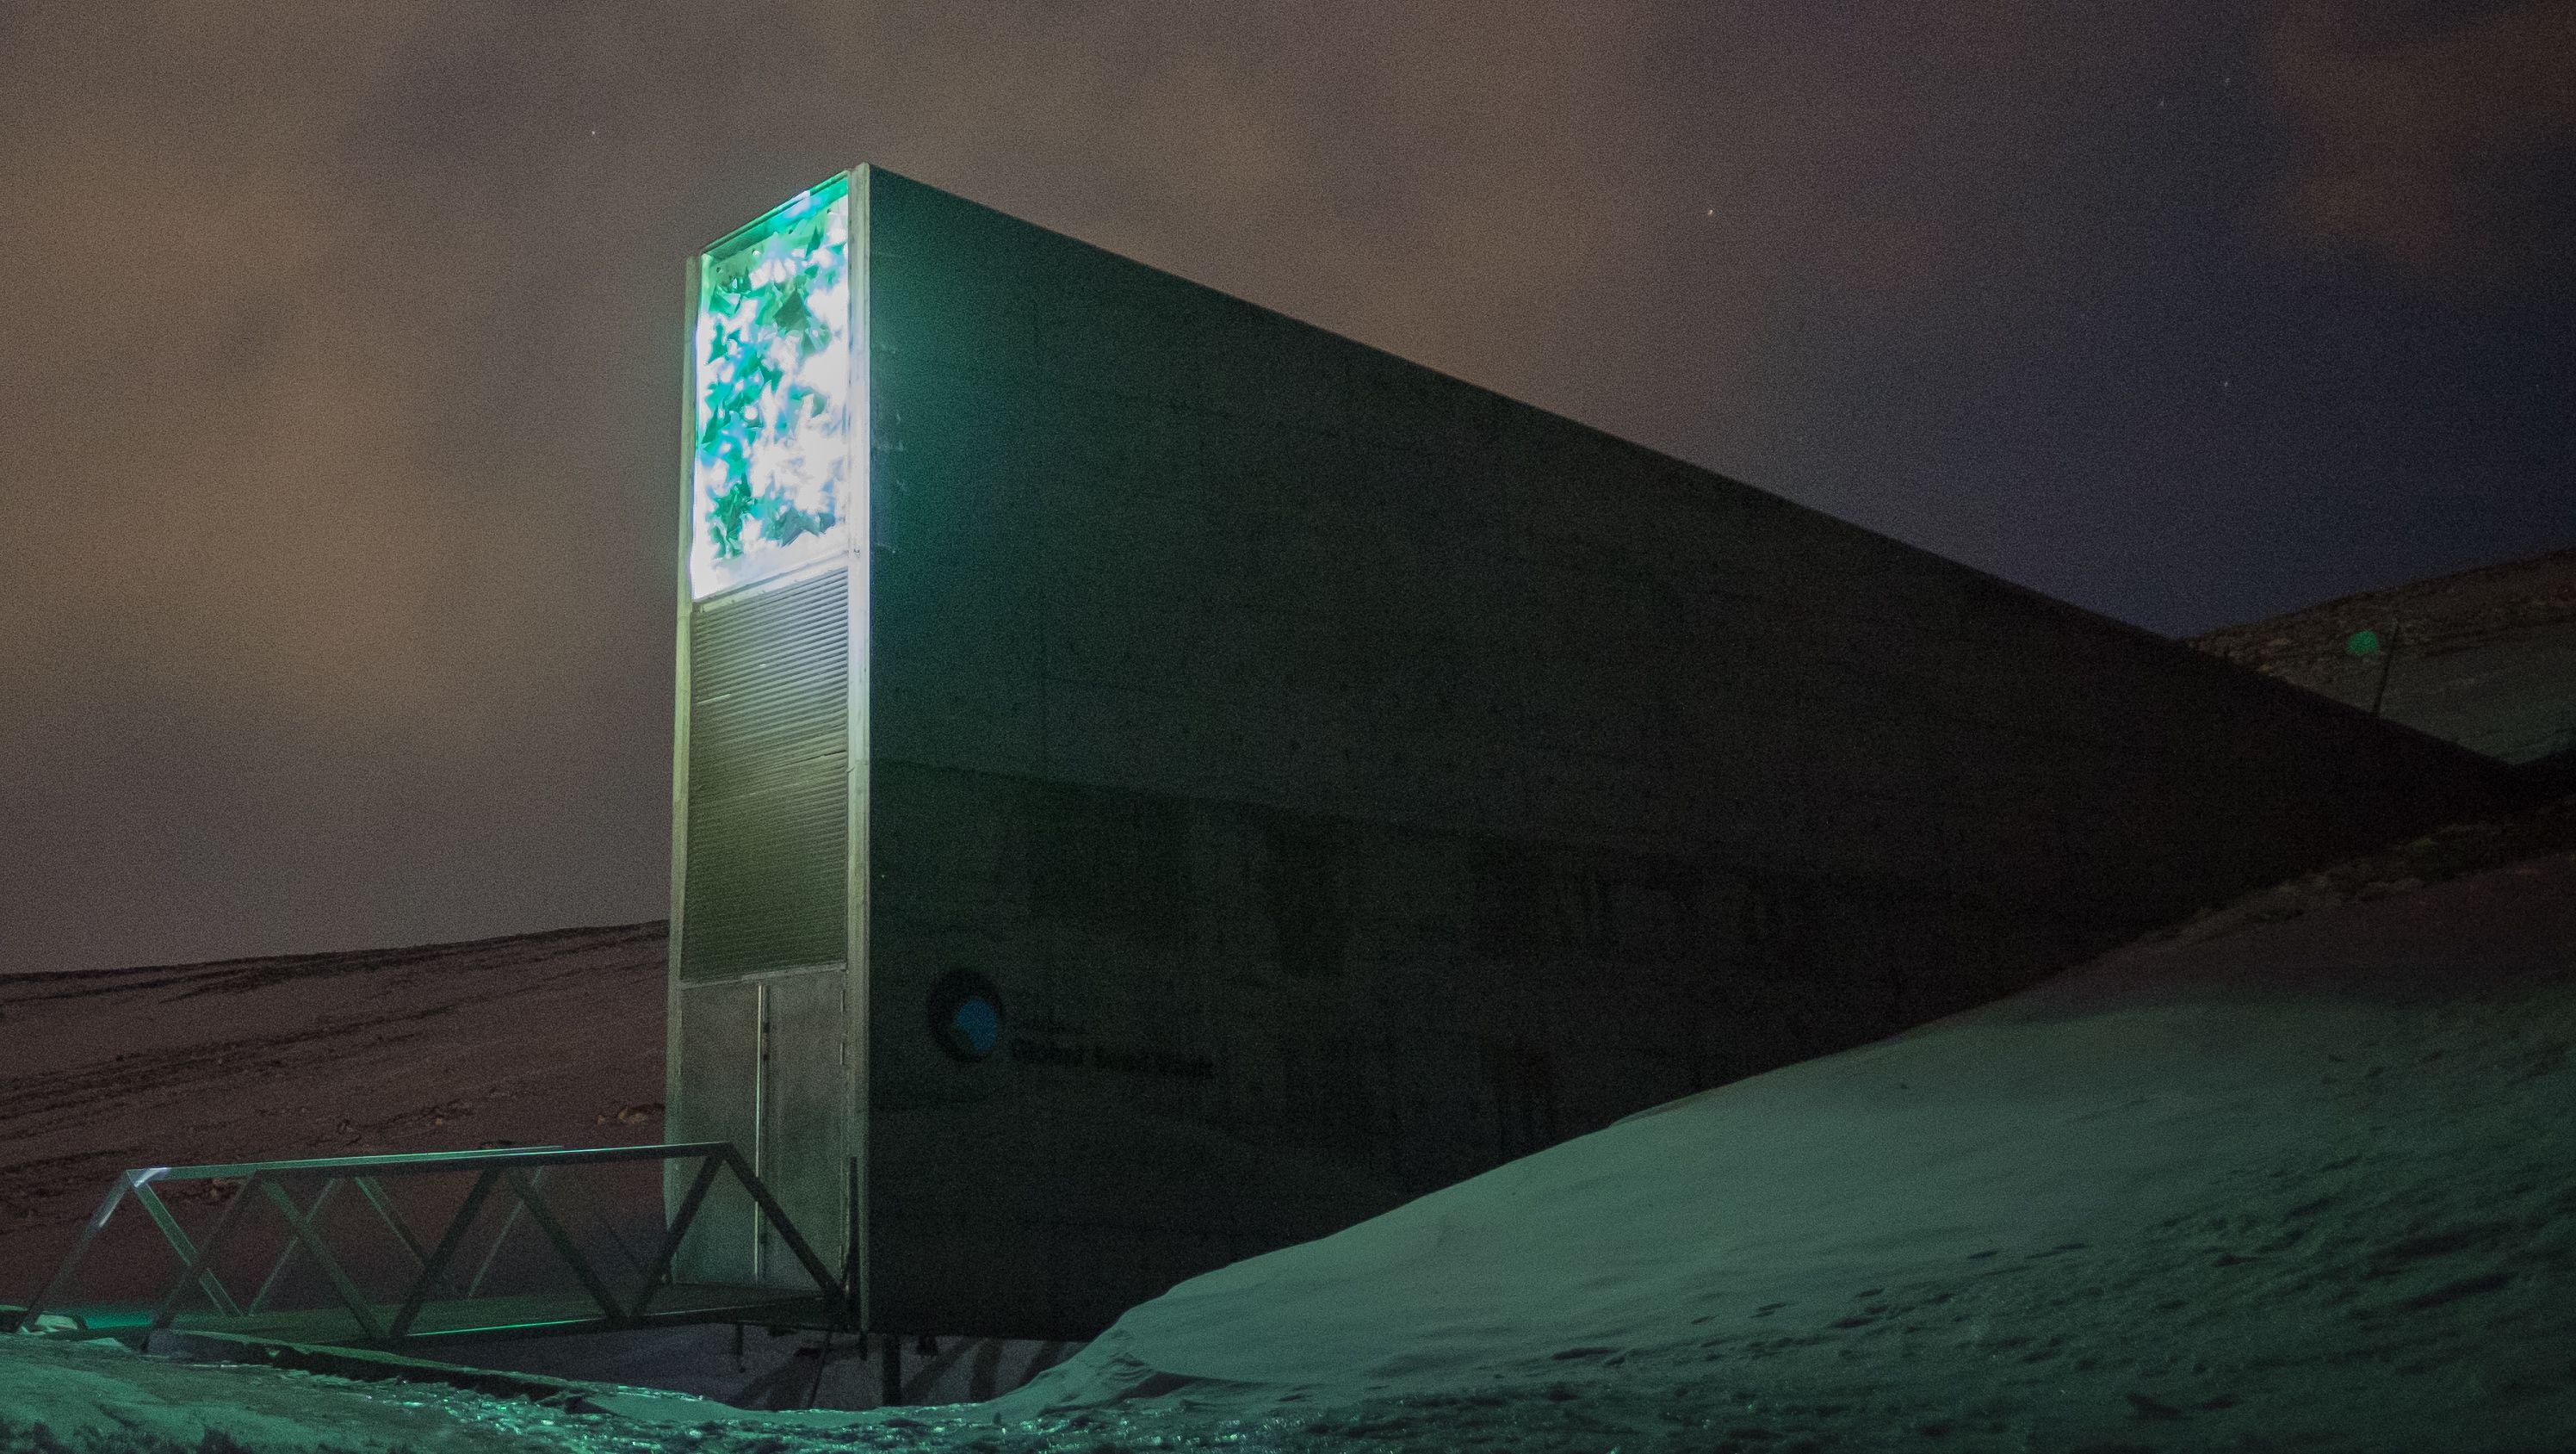 Doomsday Vault Global Seed Vault Svalbard Vault